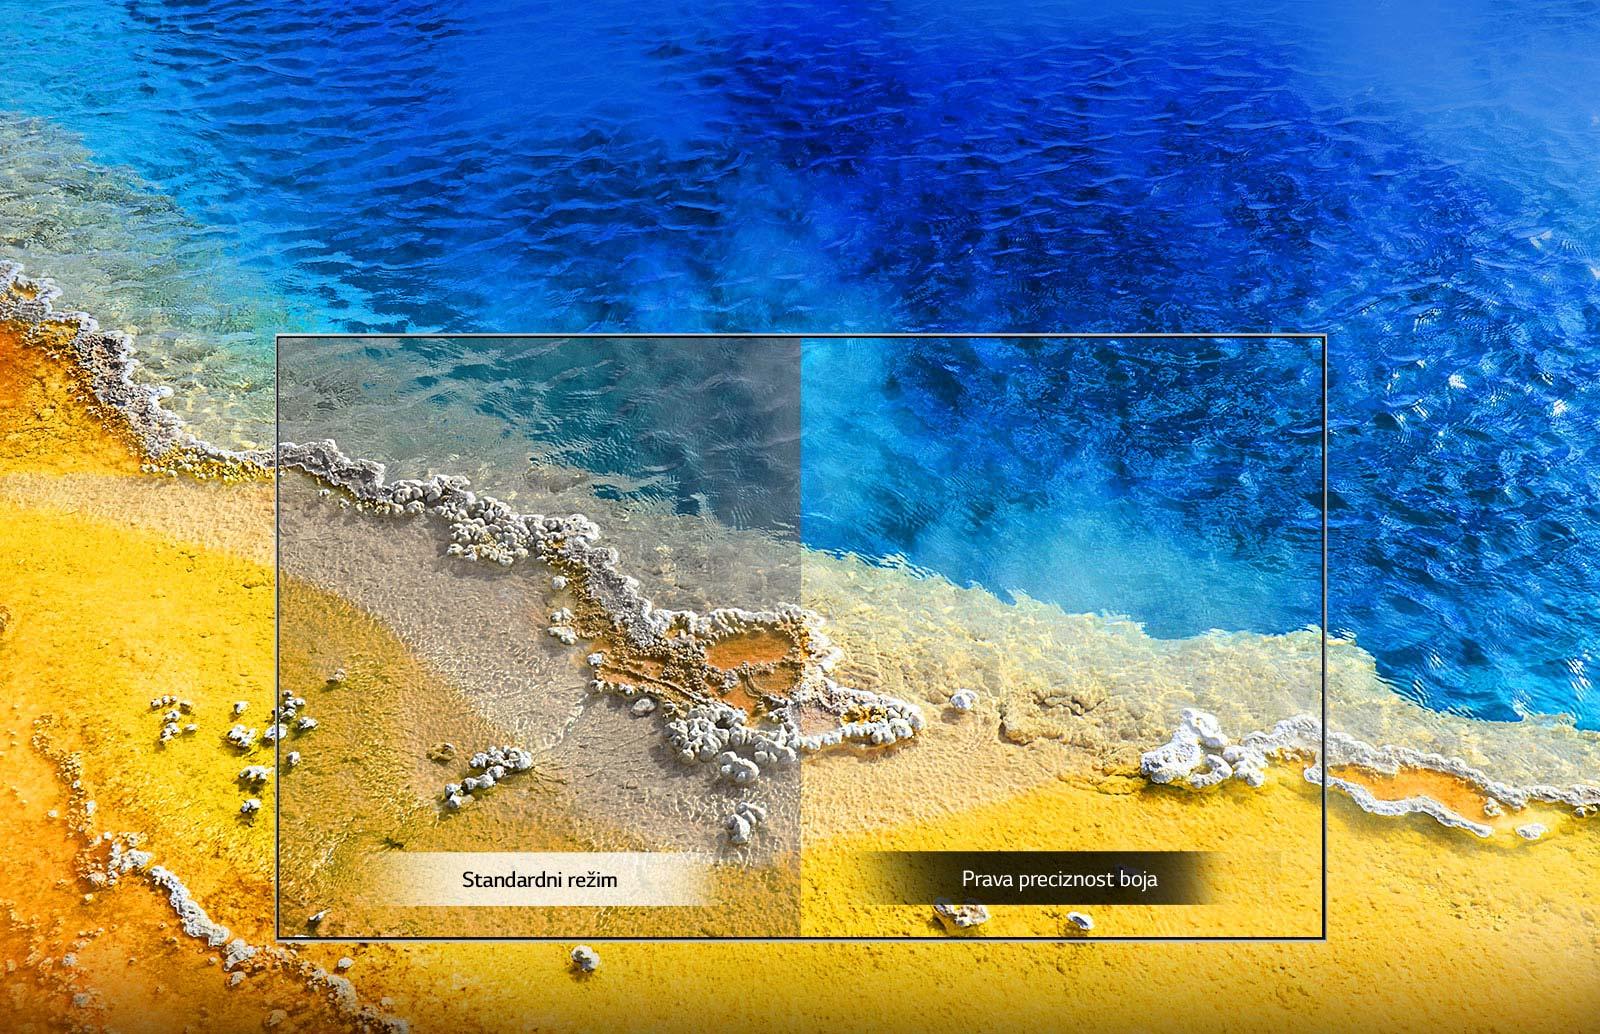 TV-UHD-UM76-05-True-Color-Accuracy-Desktop-v8